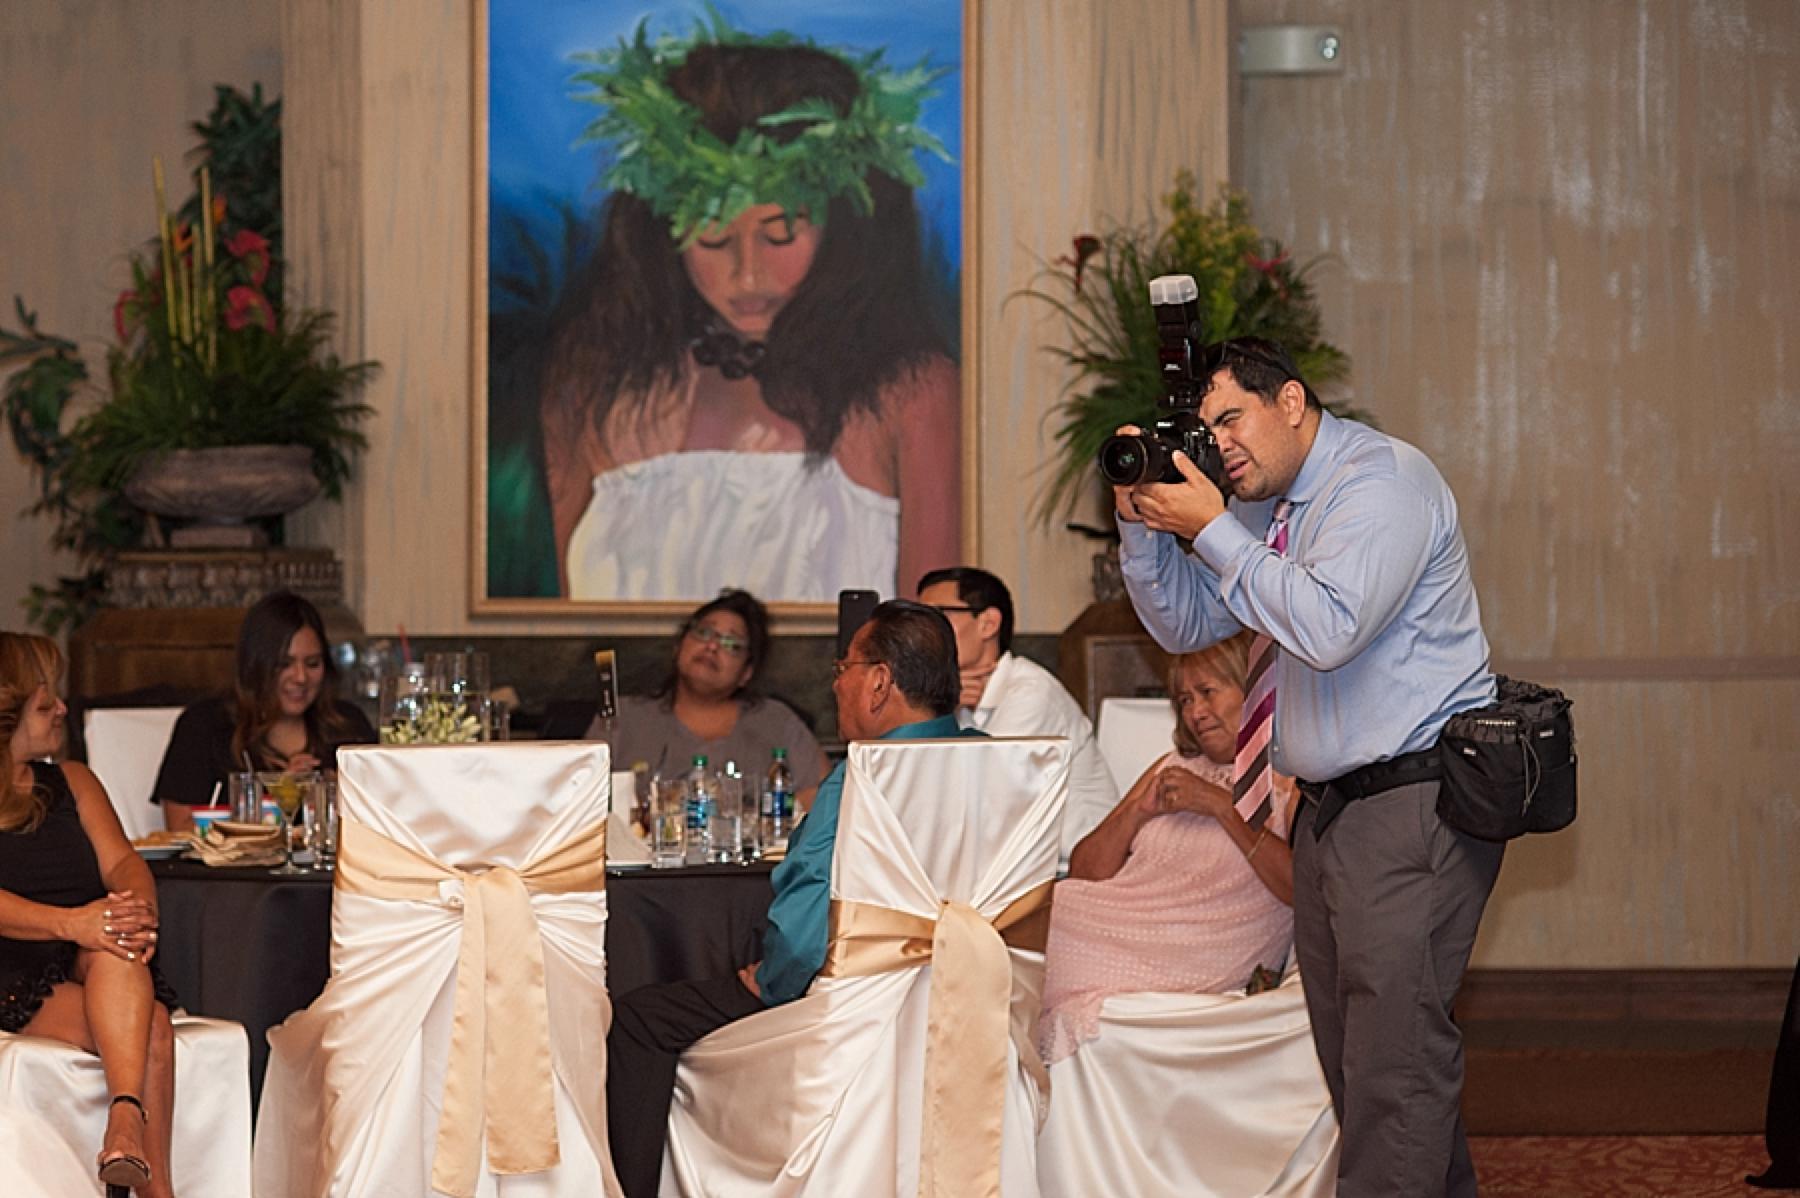 las_vegas_wedding_photographers_behind_the_scenes-11-2.jpg